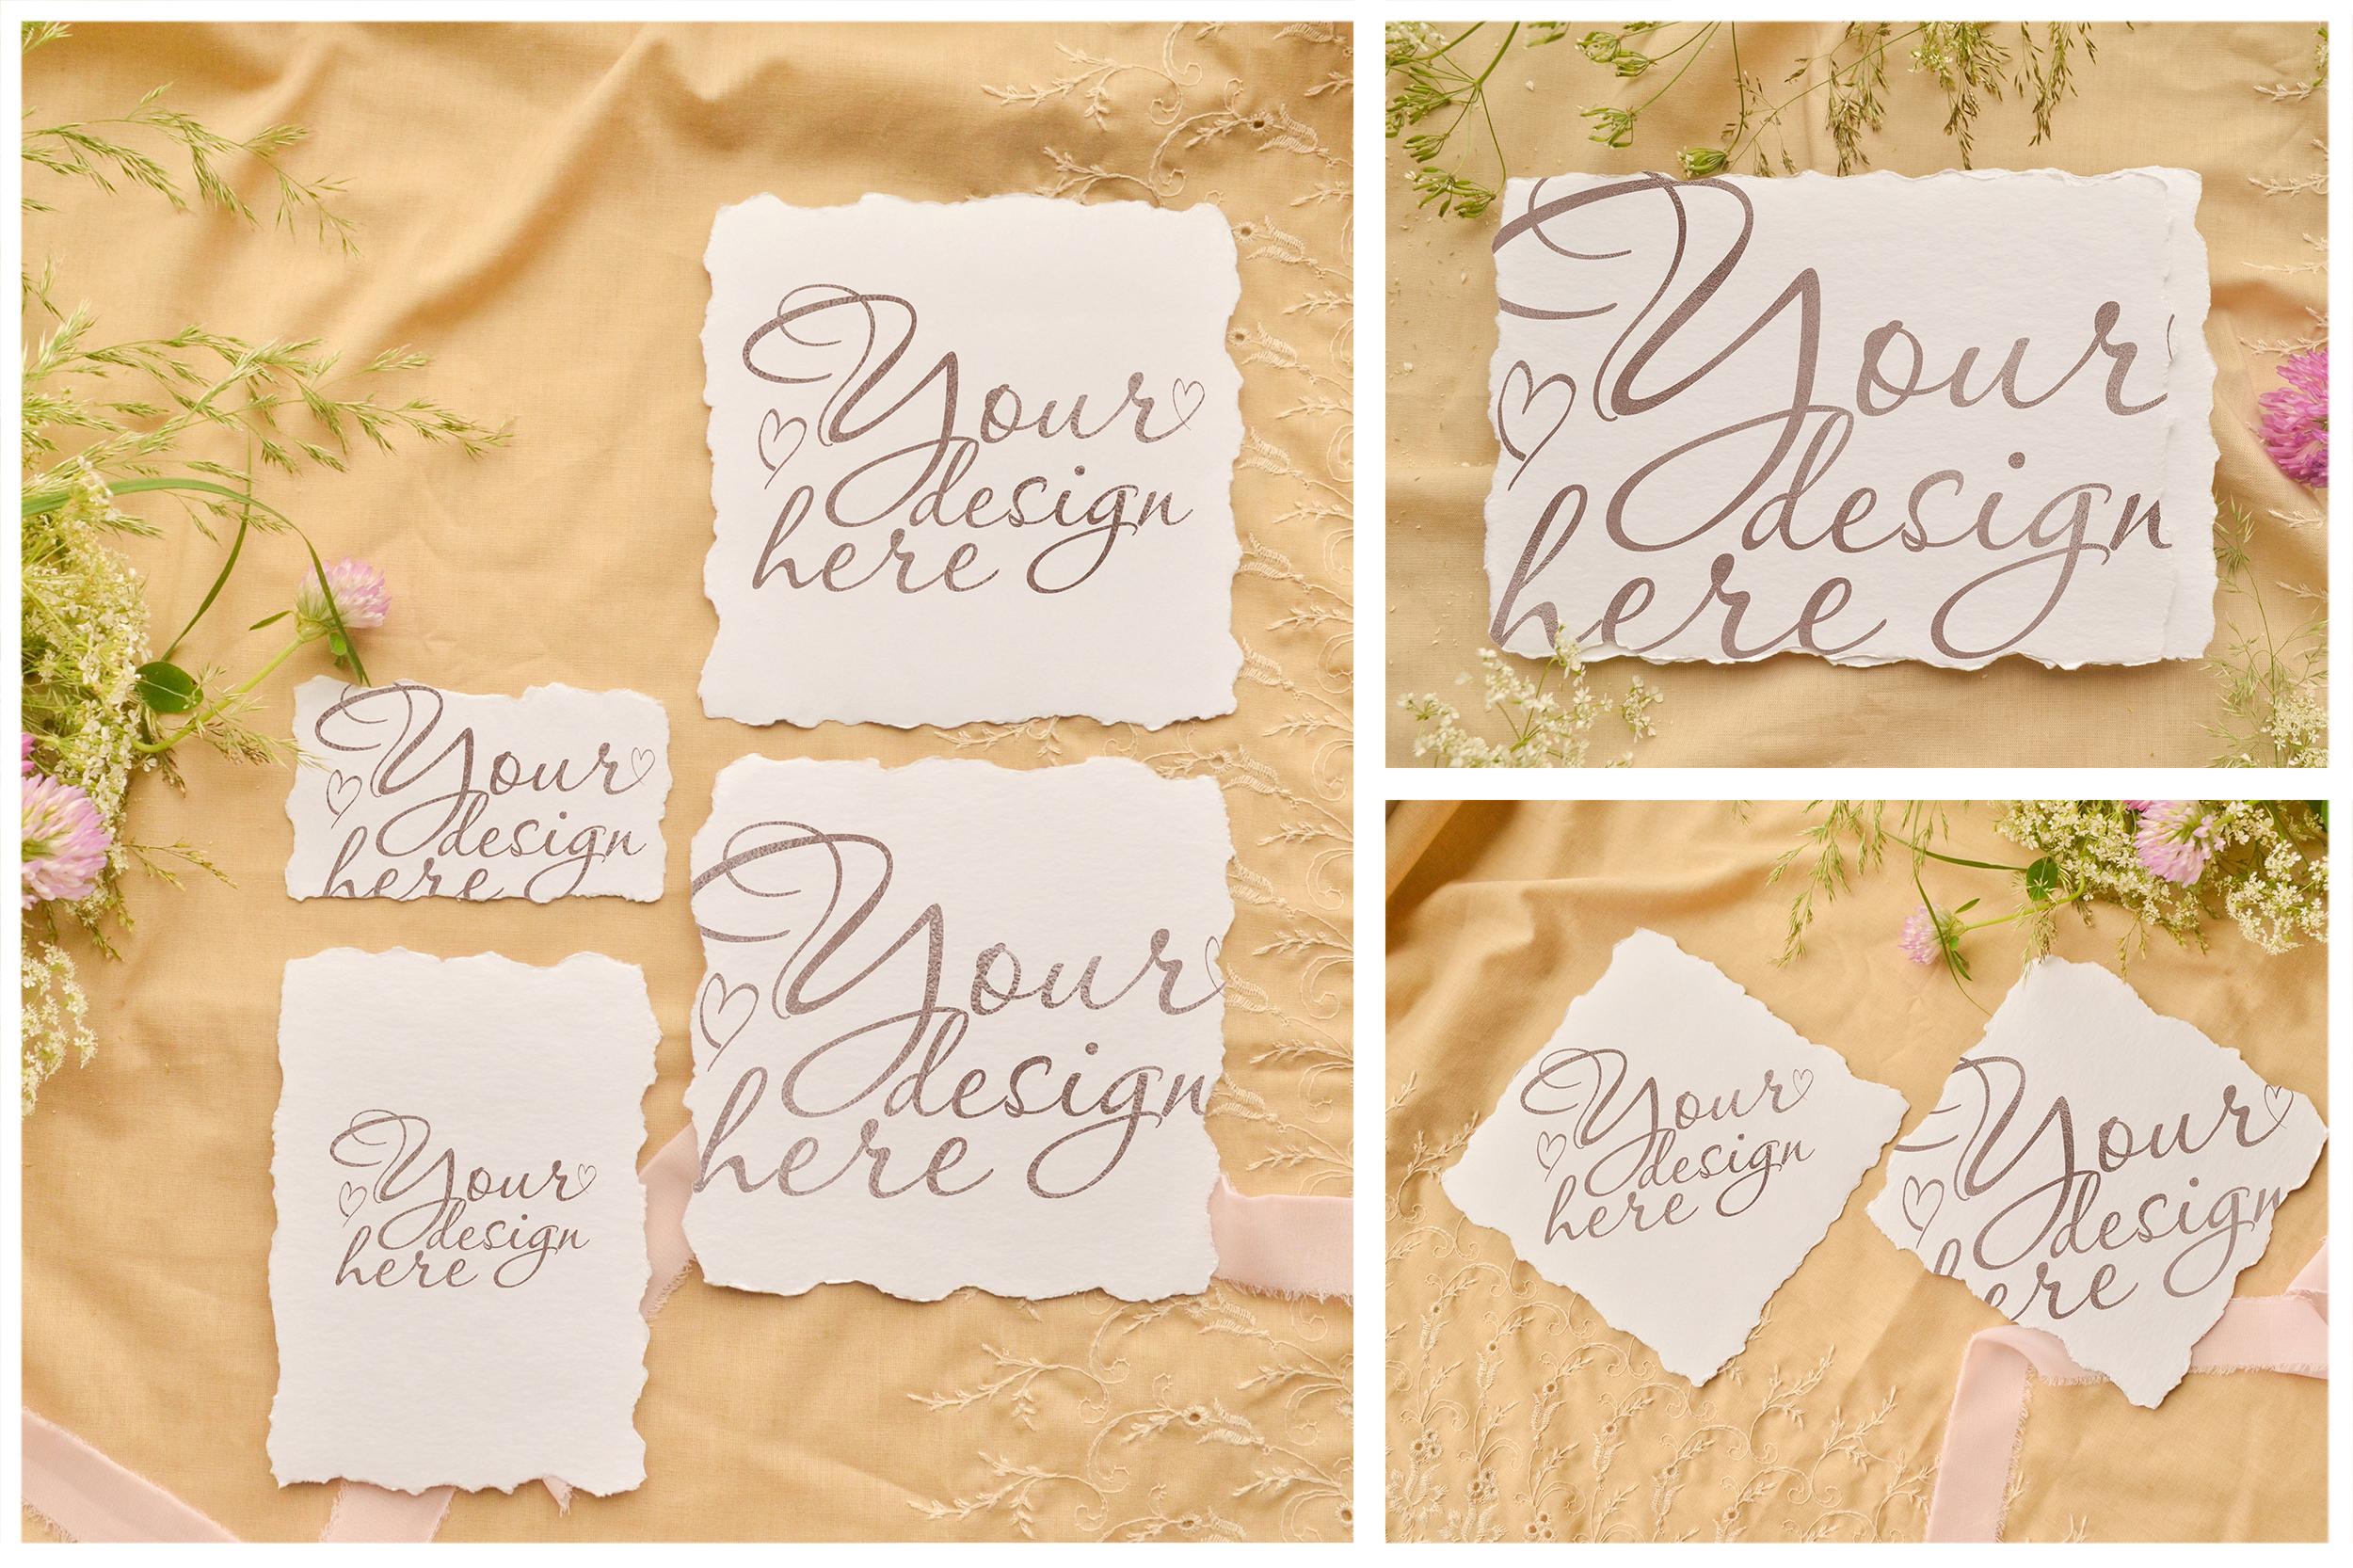 Honey Meadow. Wedding mockups & stock photo bundle example image 8